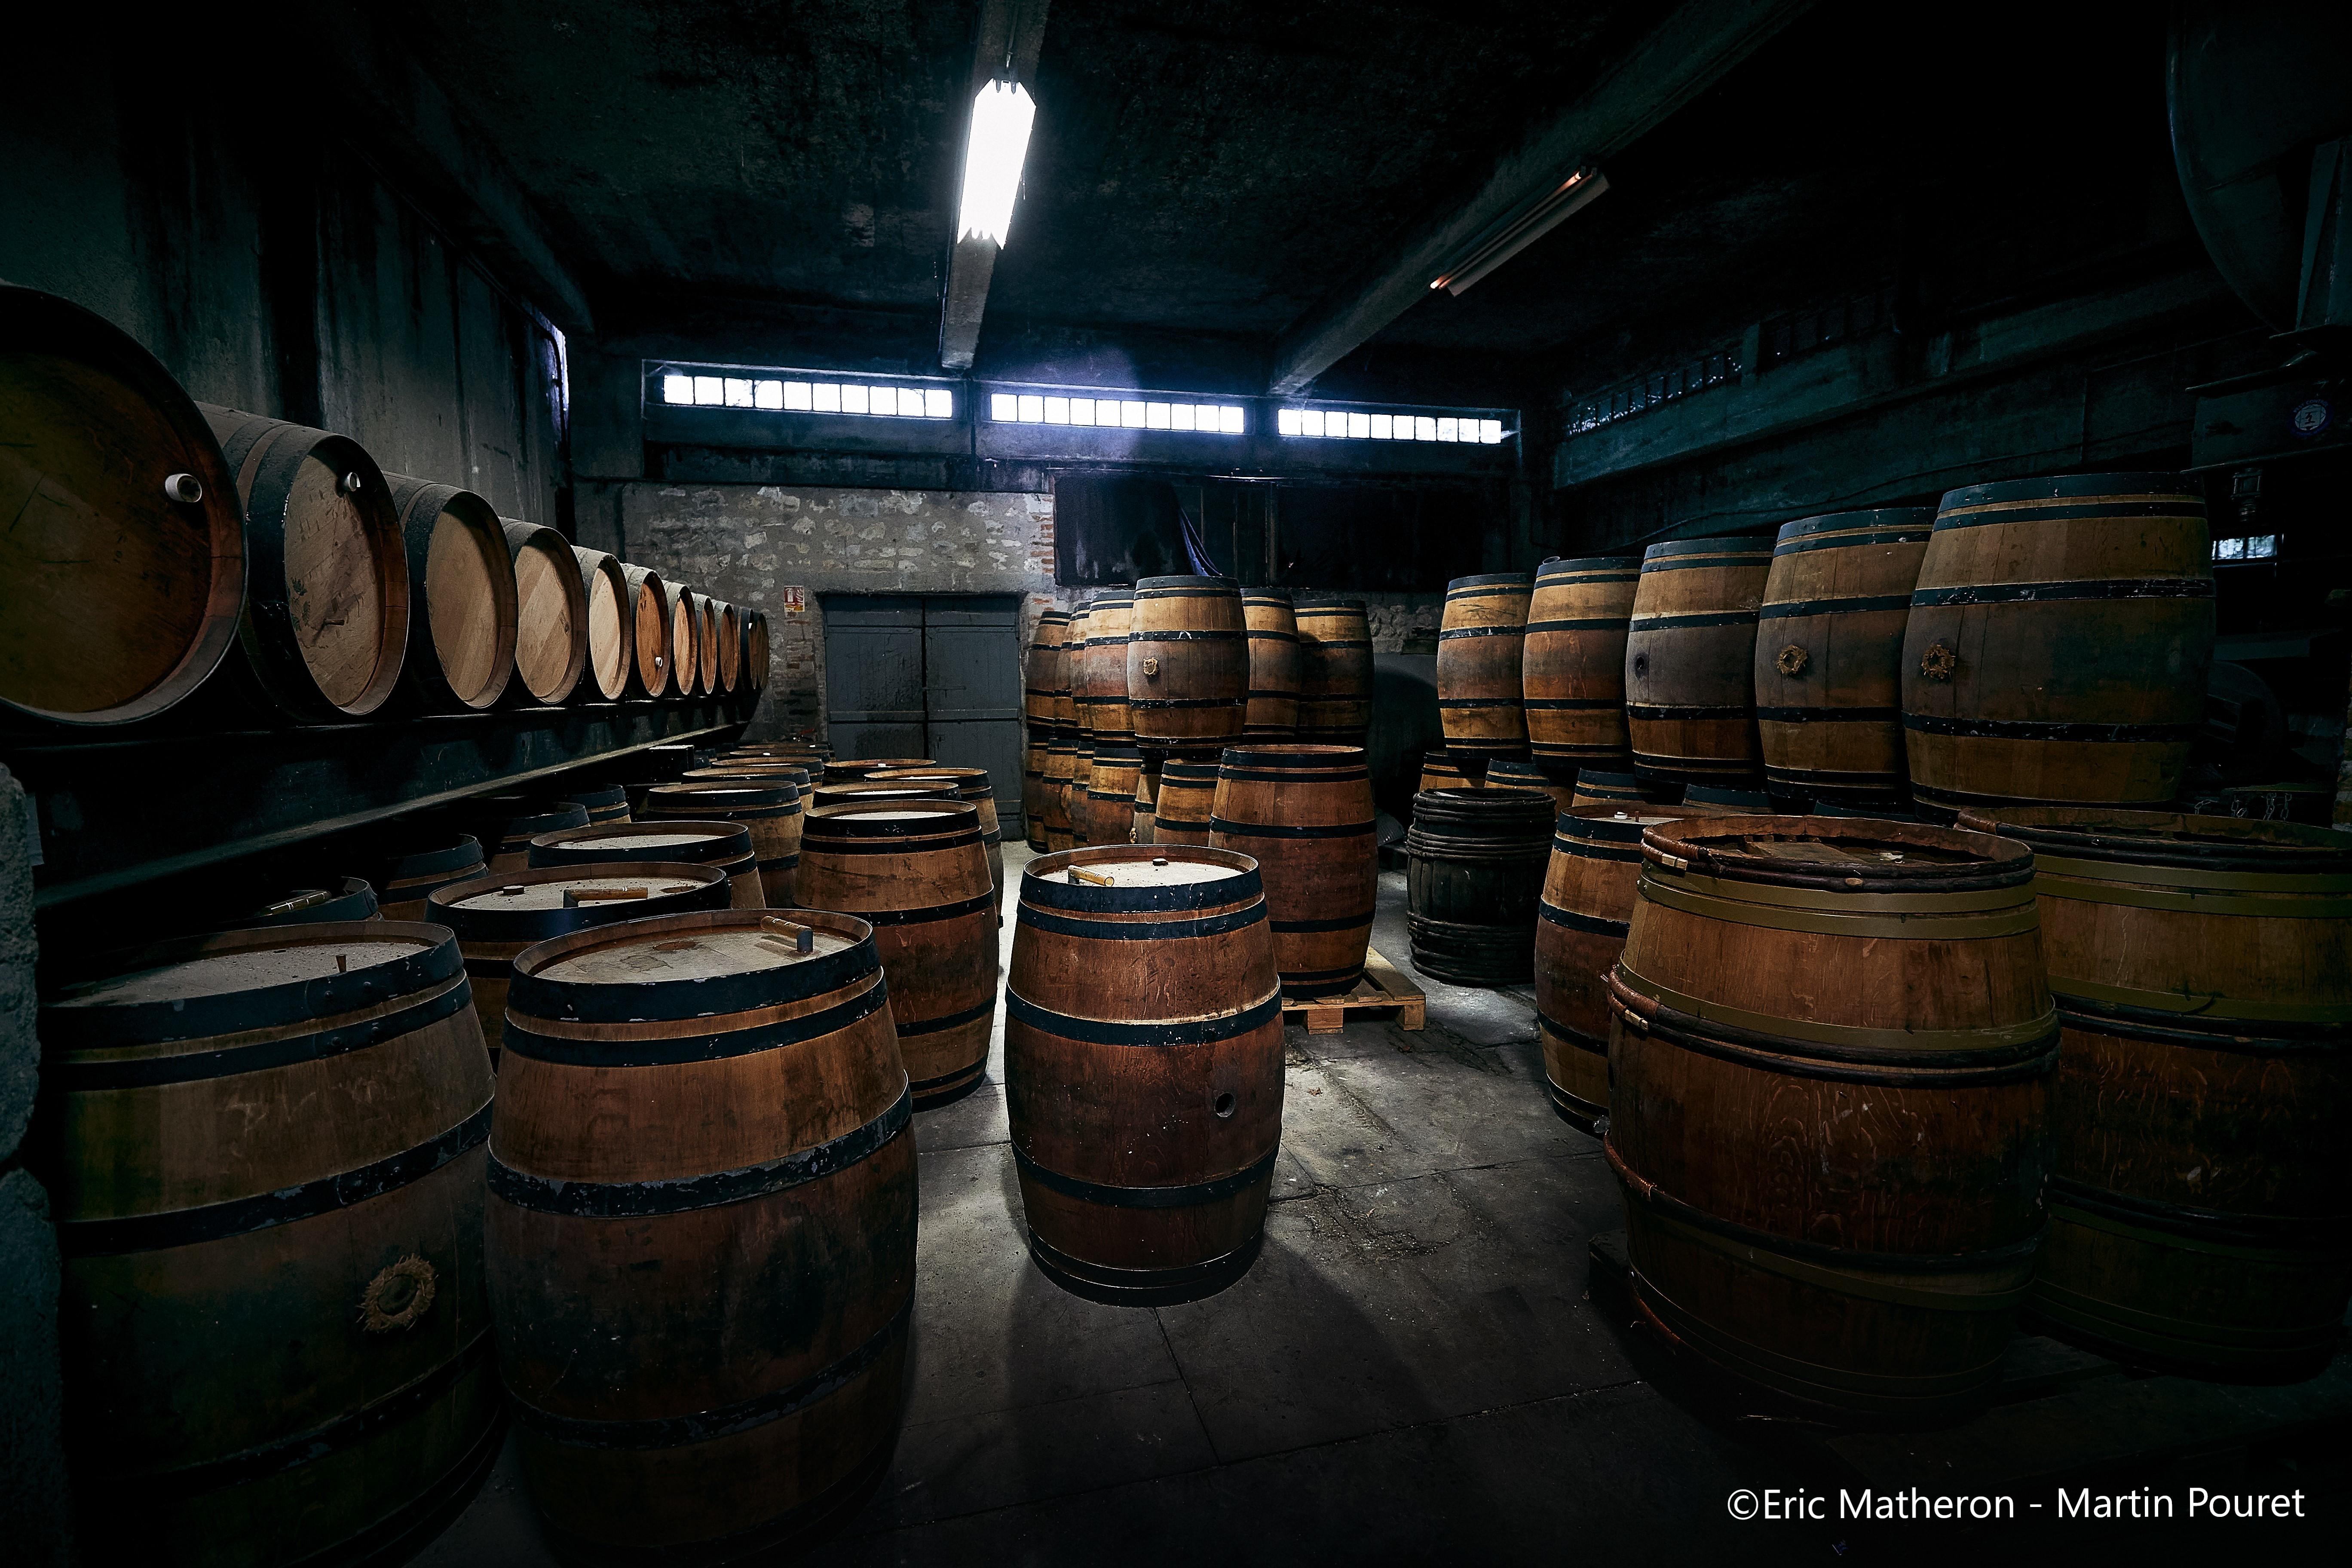 Découverte de la vinaigrerie Martin Pouret